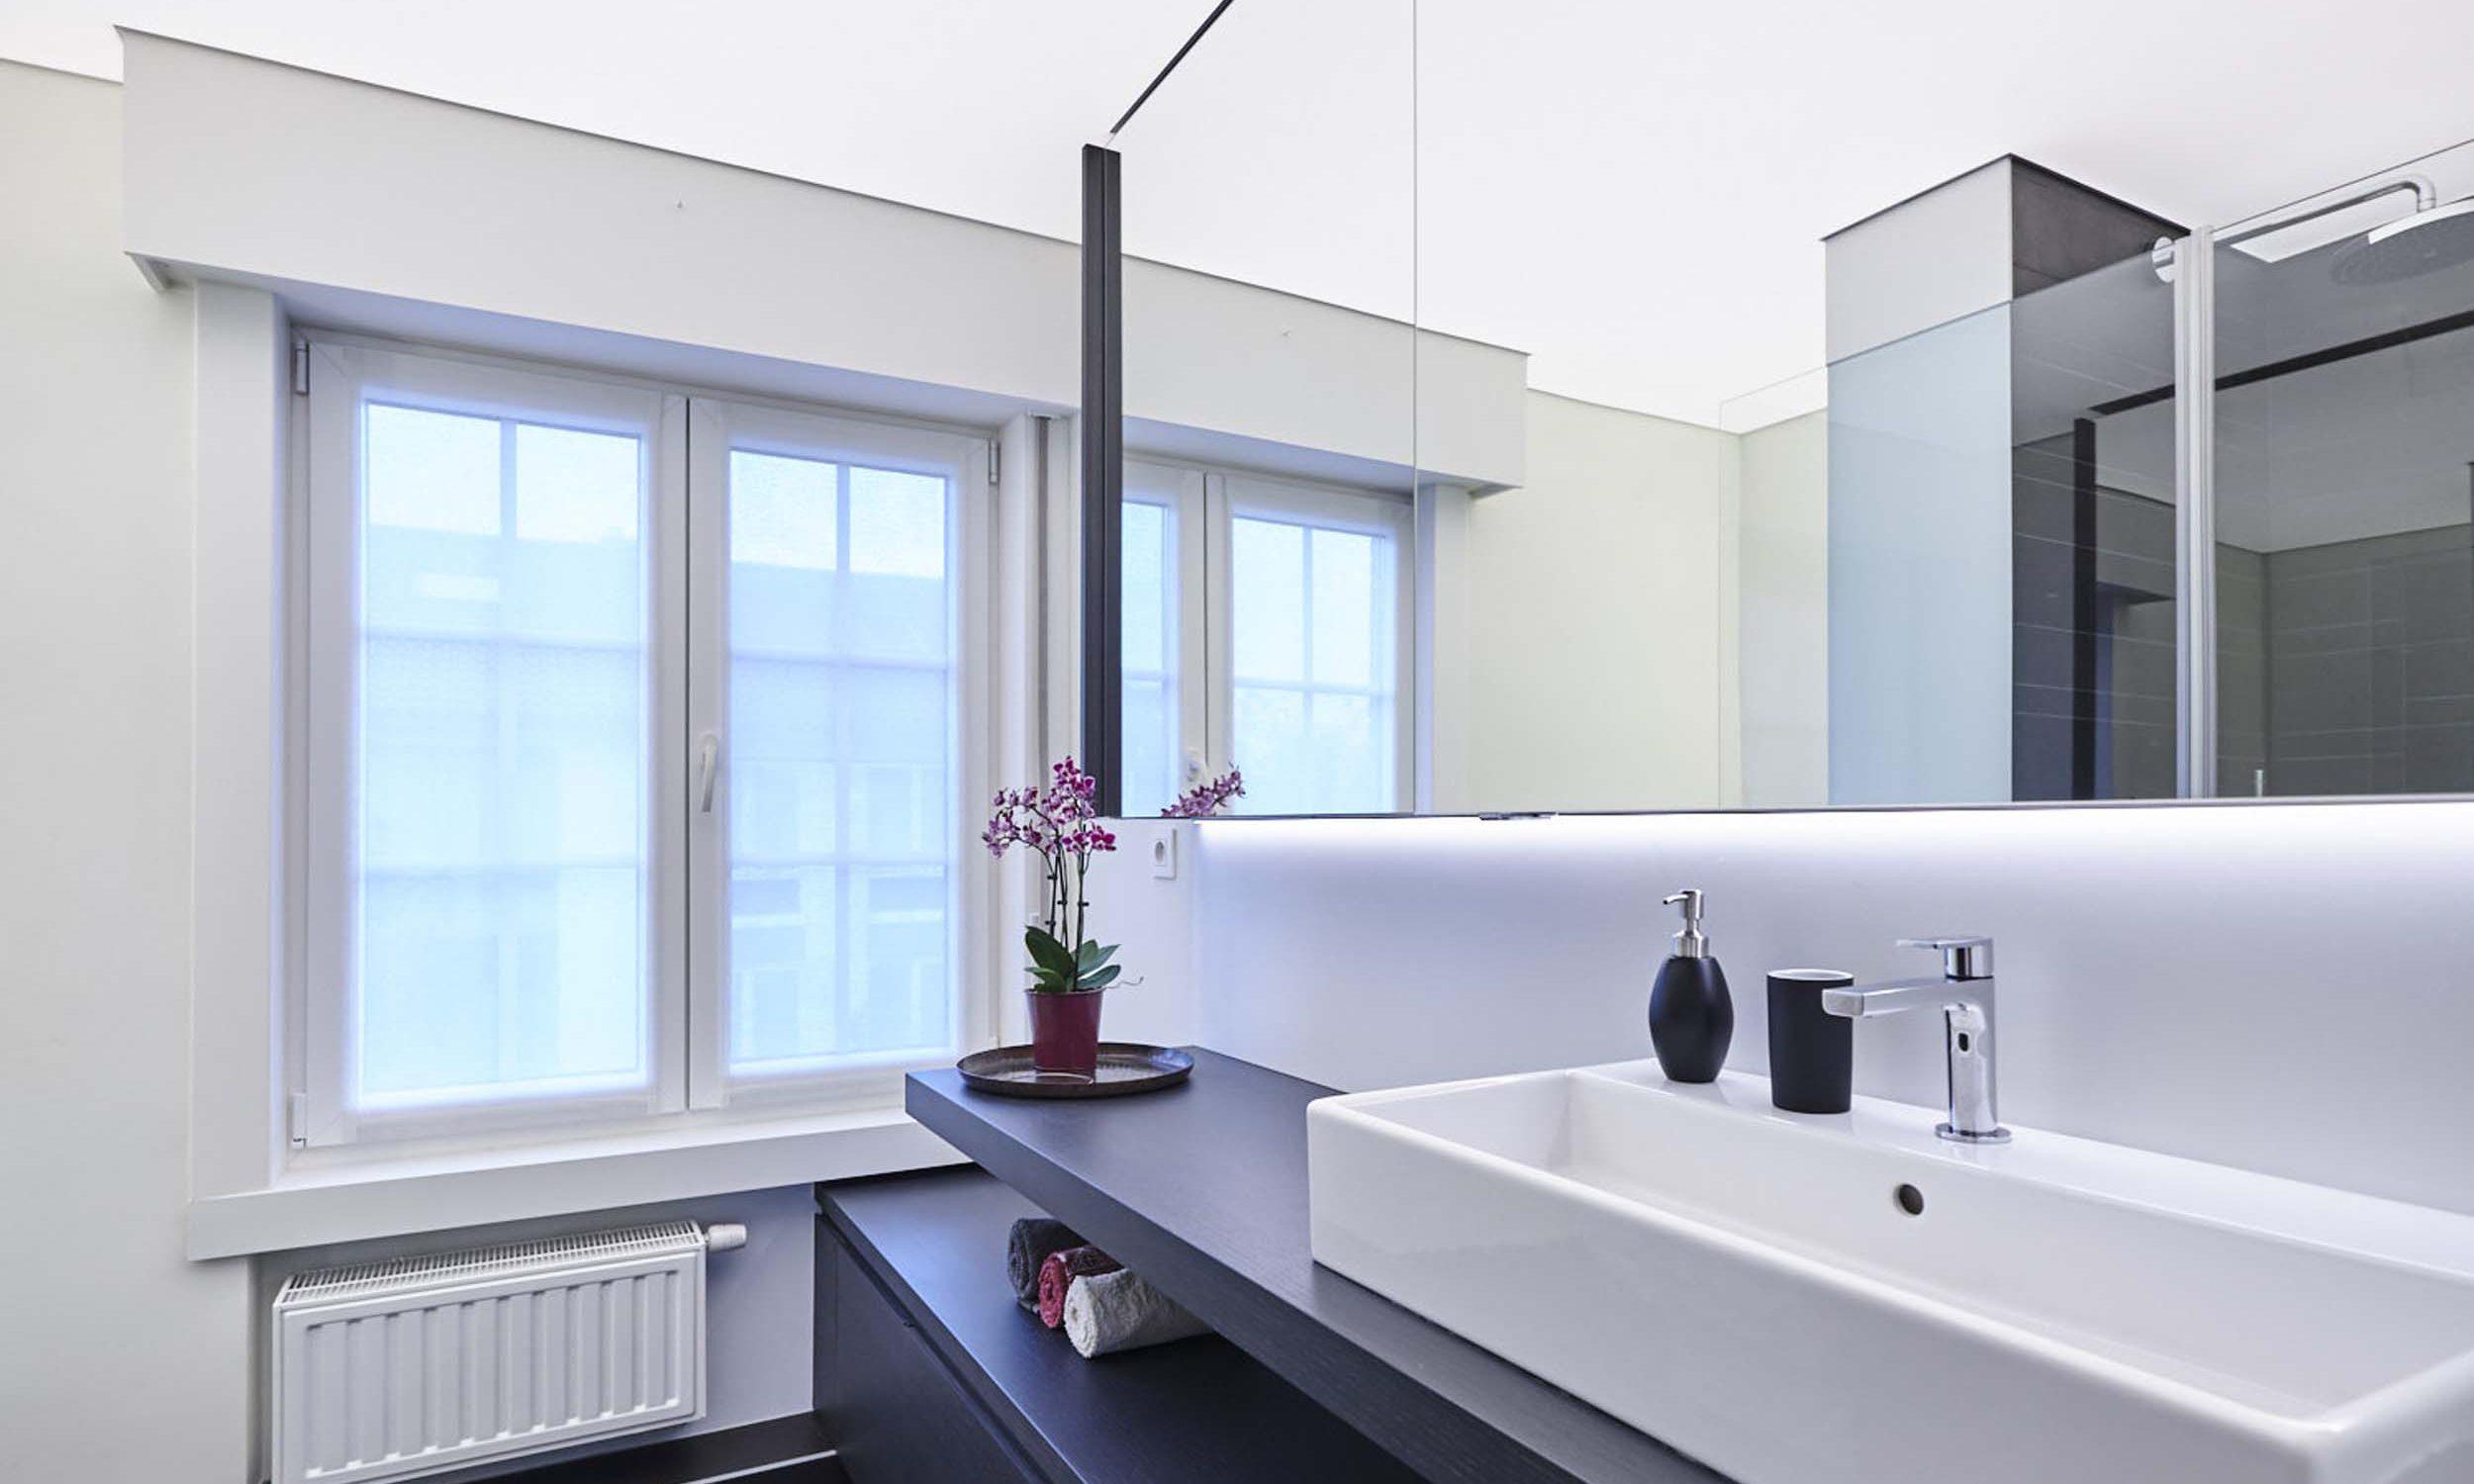 Vanda-projects-interieurinrichting-meubelmakerij-oost-vlaanderen-six-gent-badkamer-spiegel